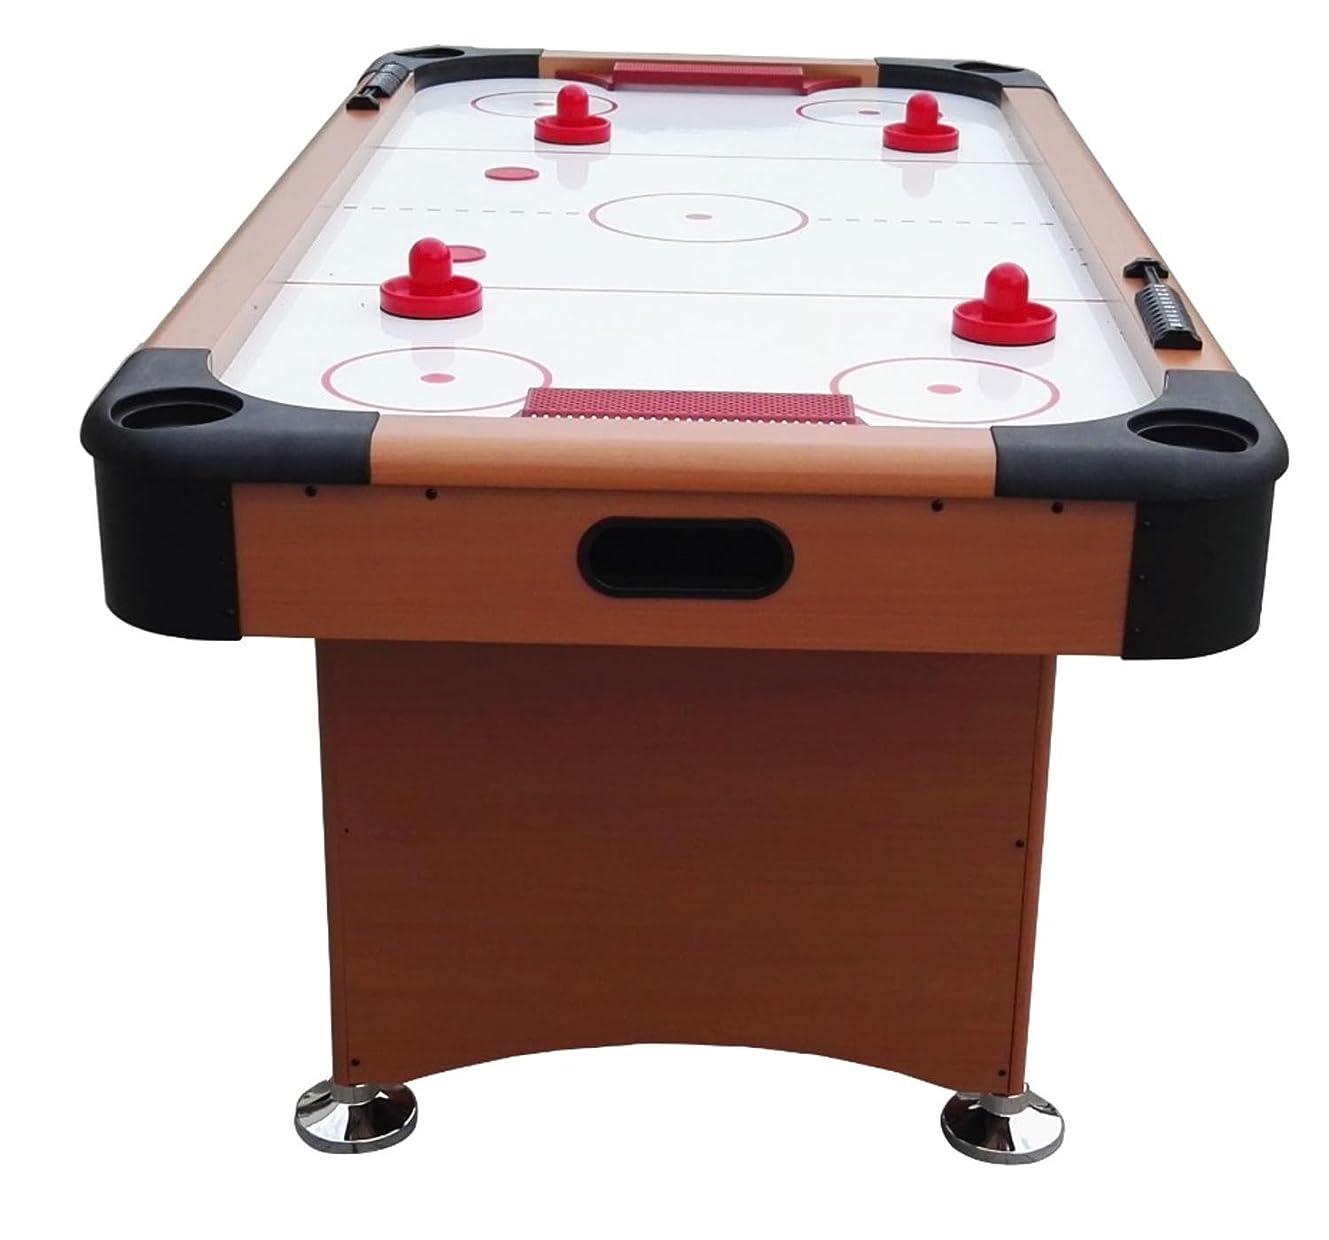 オーブン脳参照するほうねん堂 ビリヤード 卓上 ミニ テーブル ゲーム 撞球 ビリヤード台 ファミリーゲーム 卓上ゲーム